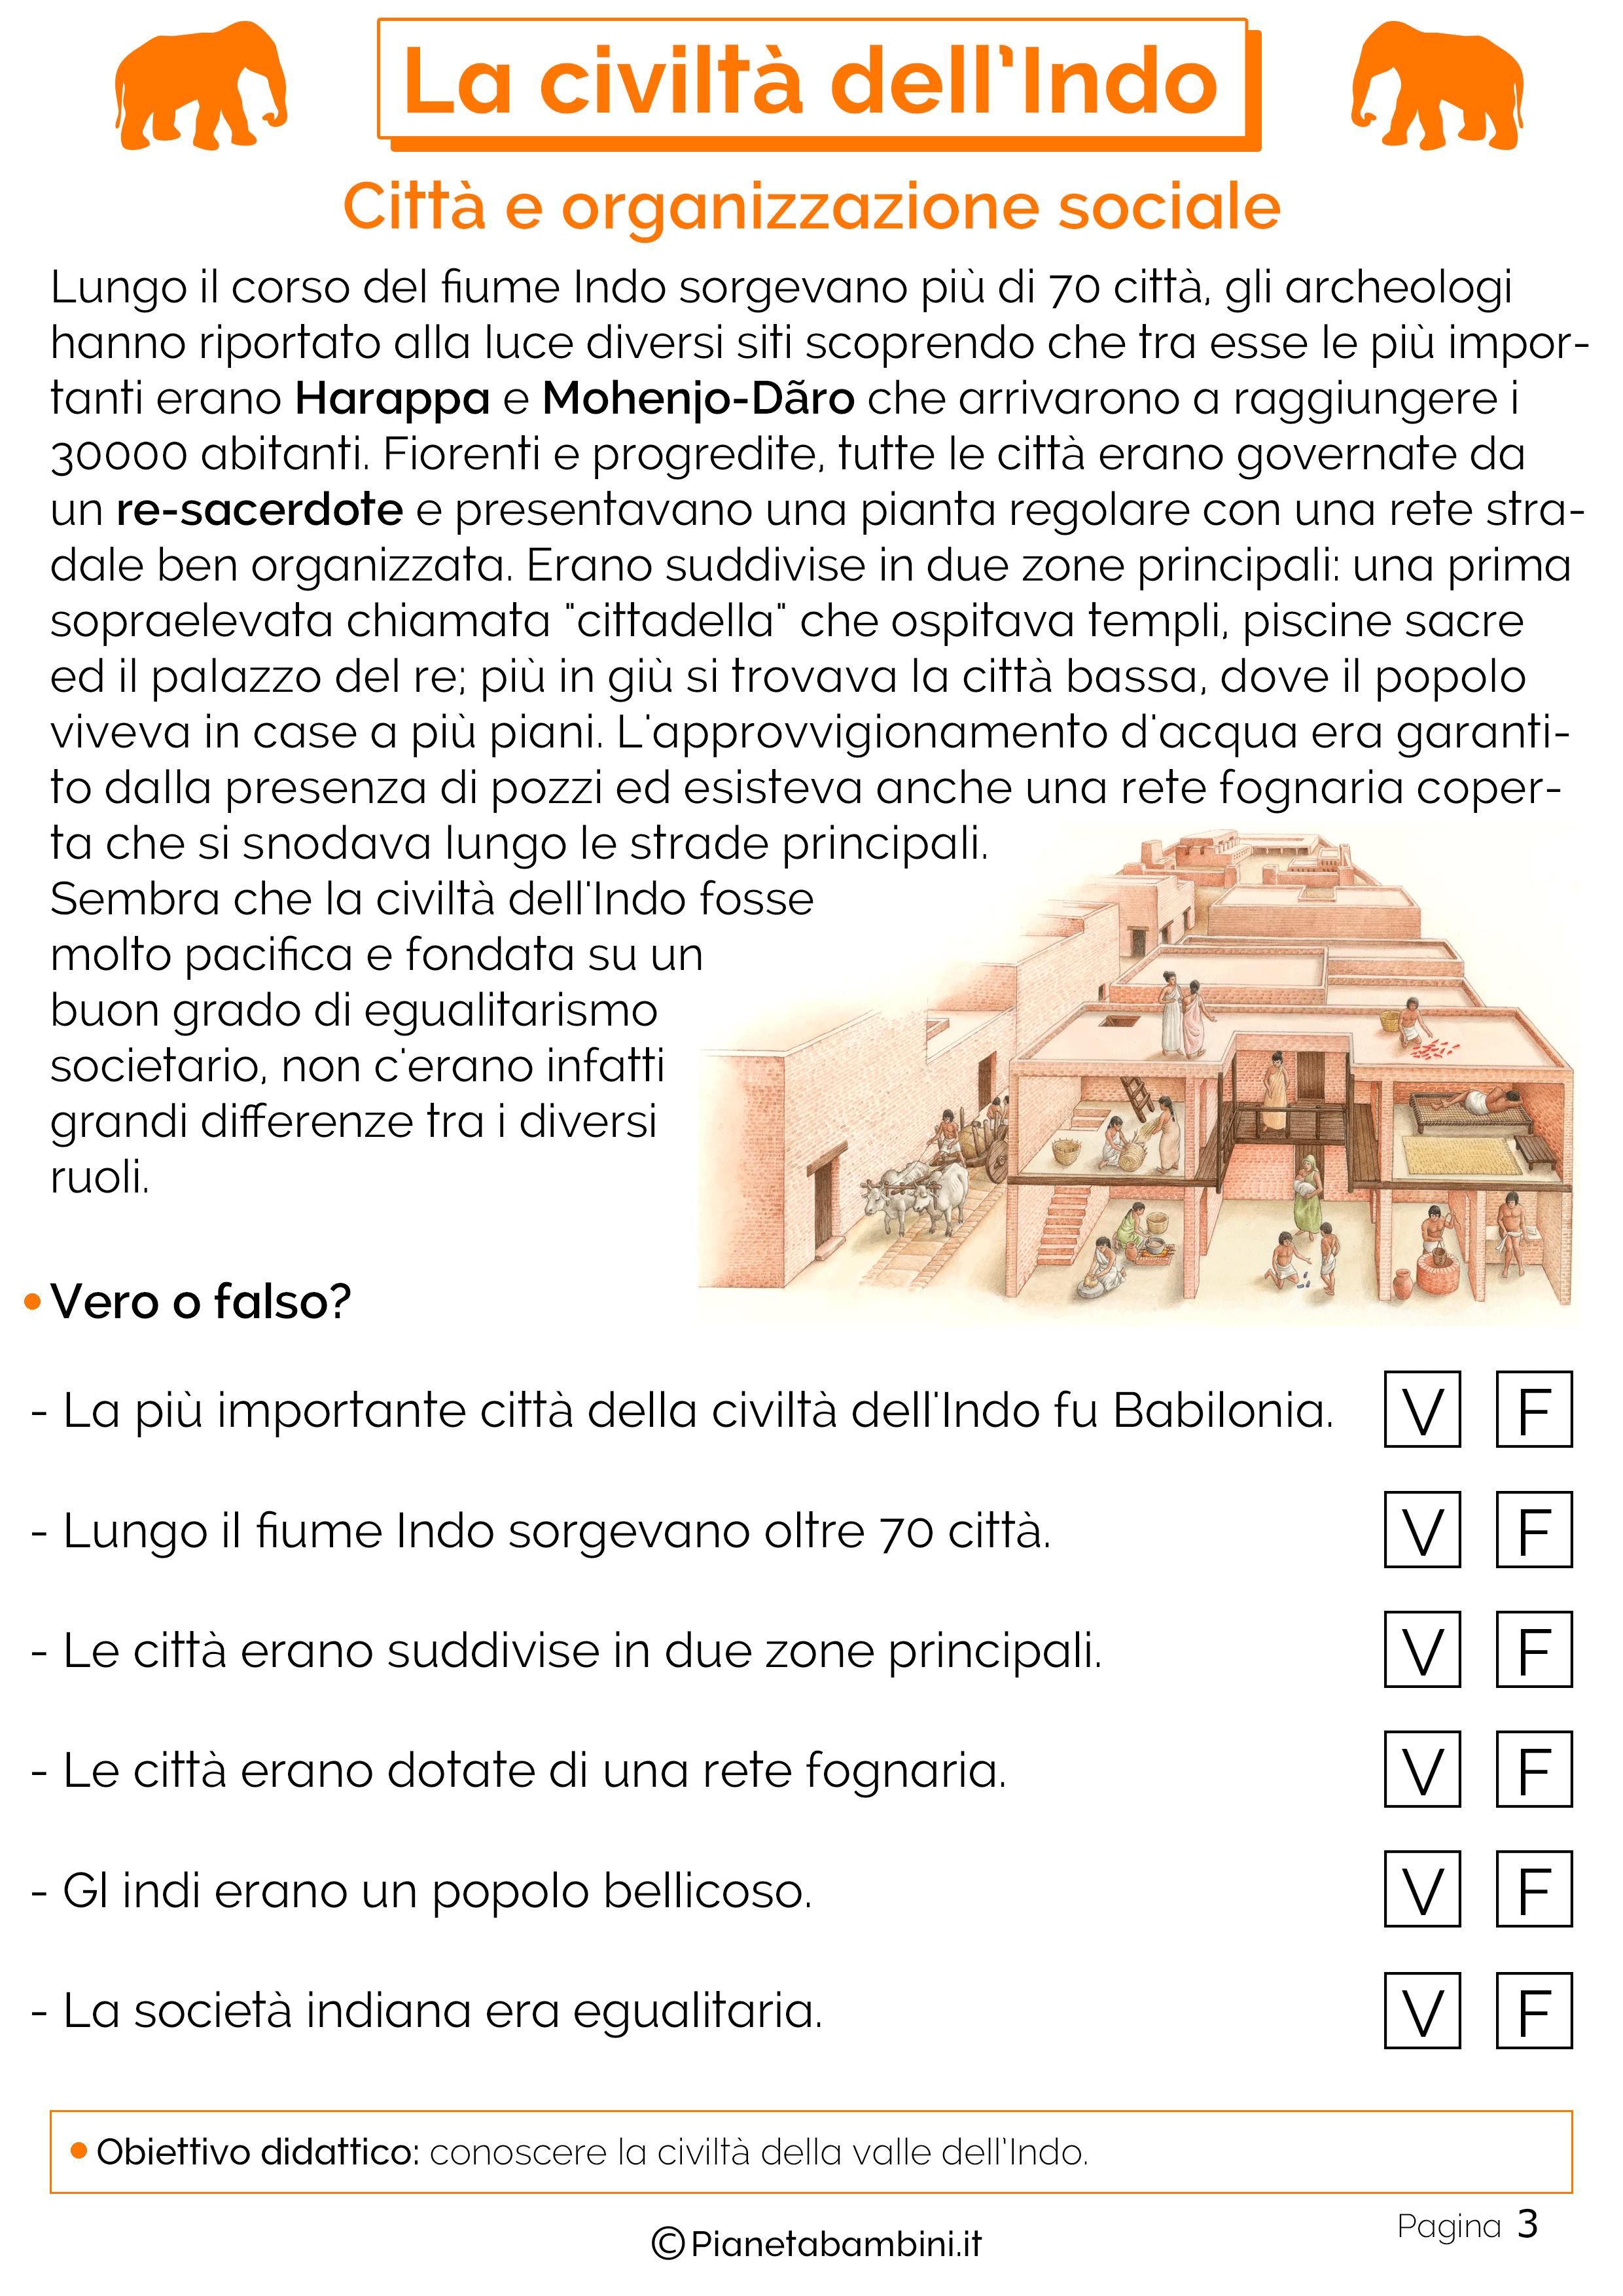 Città e società nella civiltà dell'Indo